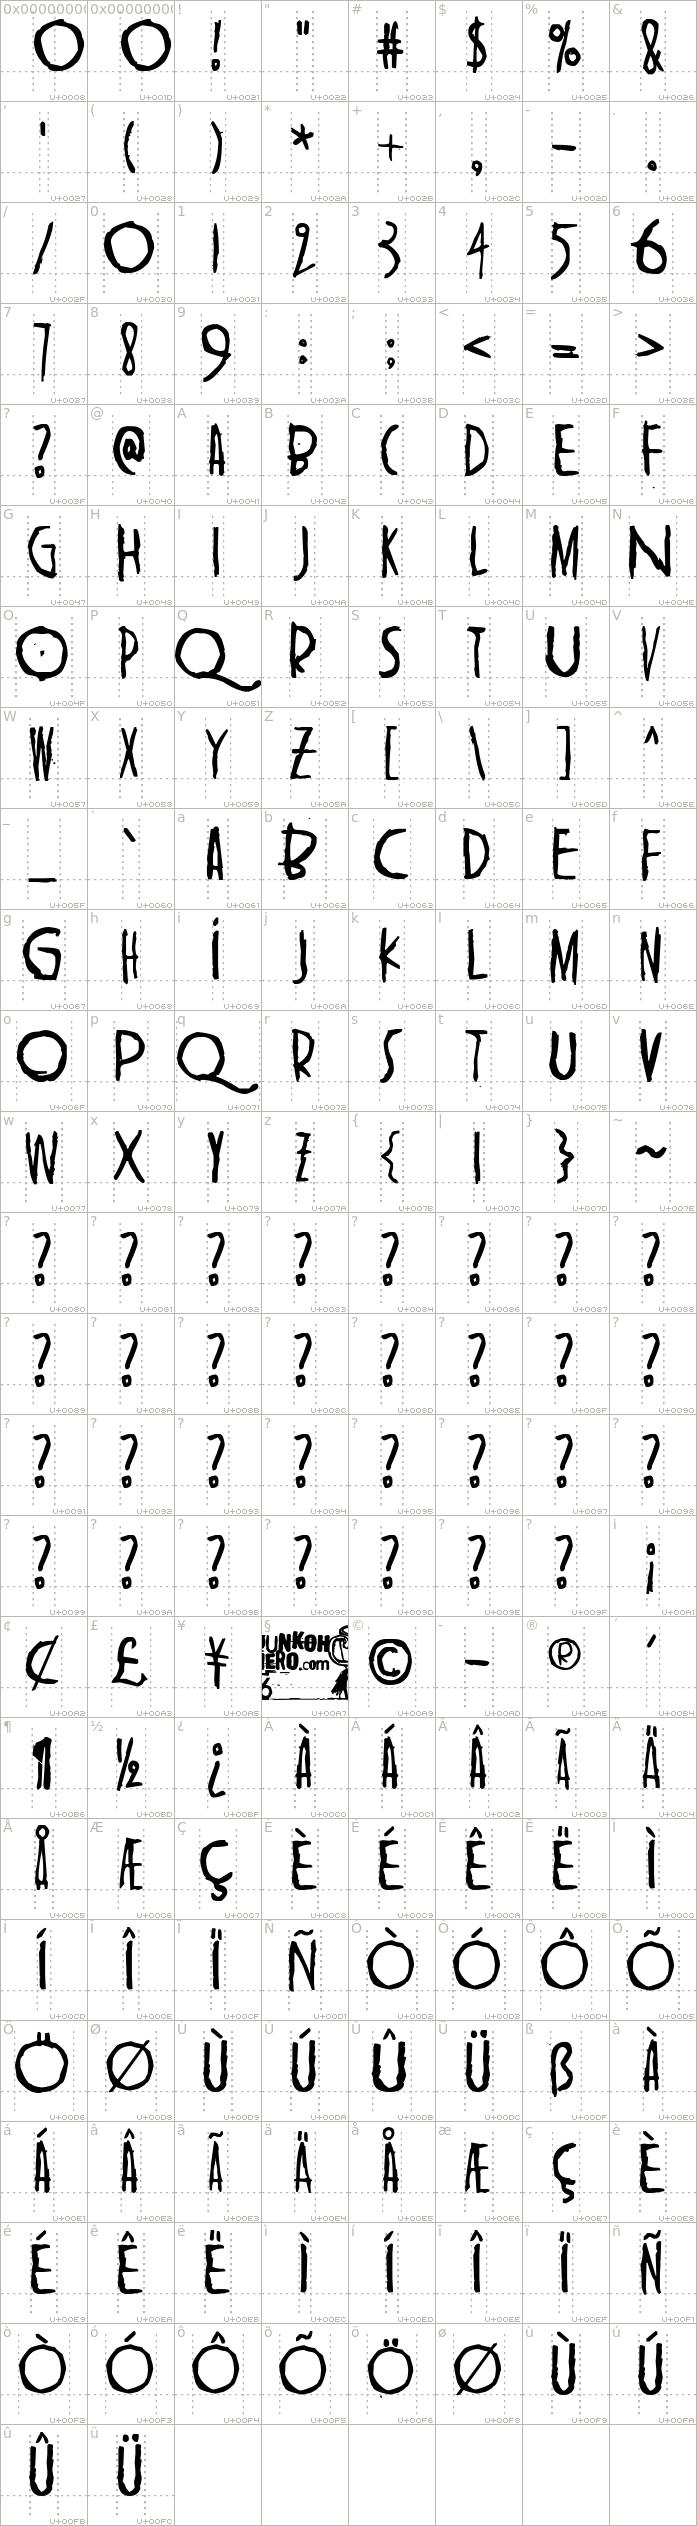 shangri-la.regular.character-map-1